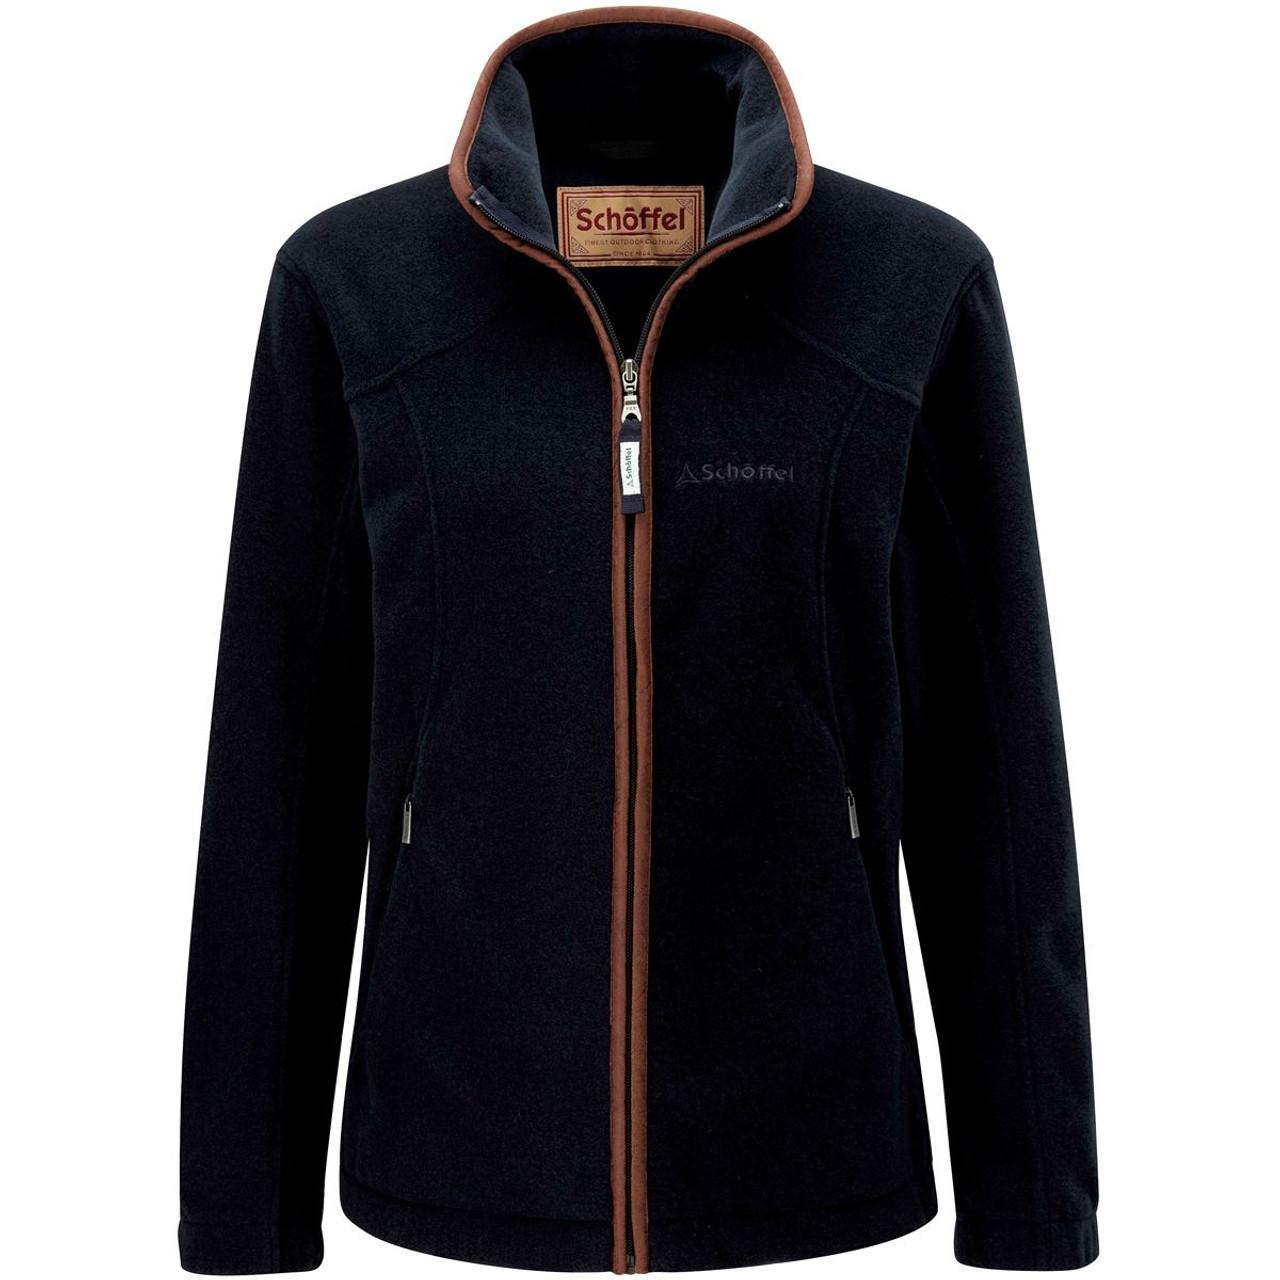 Schoffel Burley Ladies Fleece Jacket